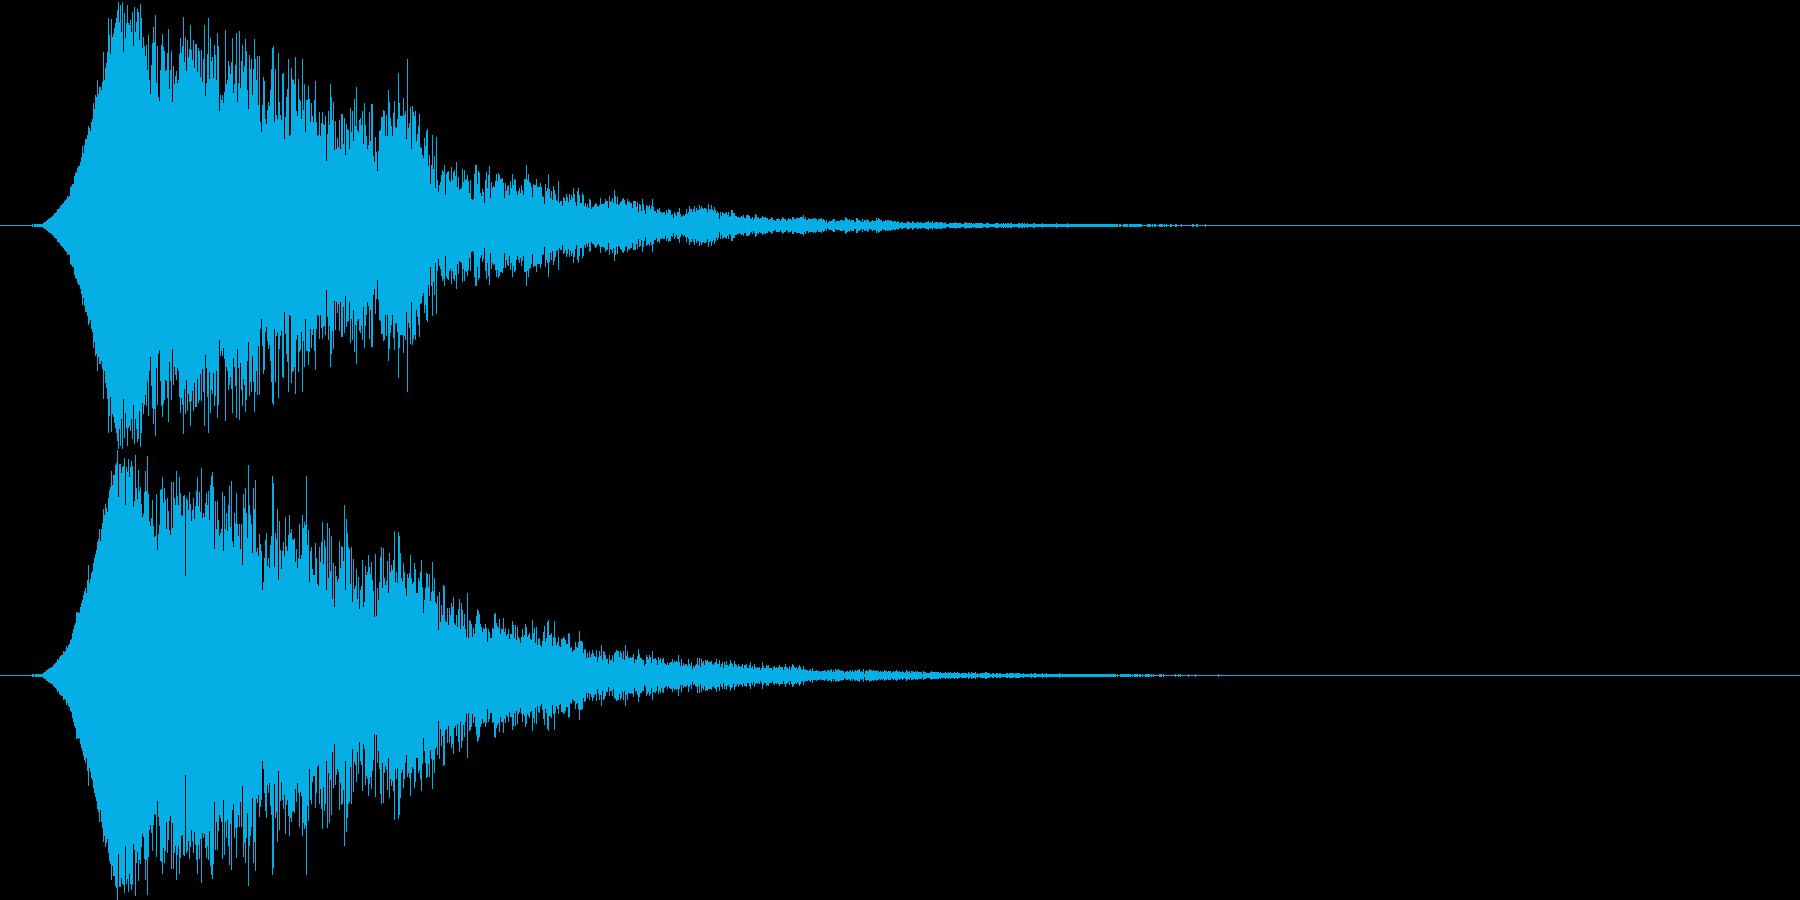 キュピーン 派手なインパクト音1の再生済みの波形